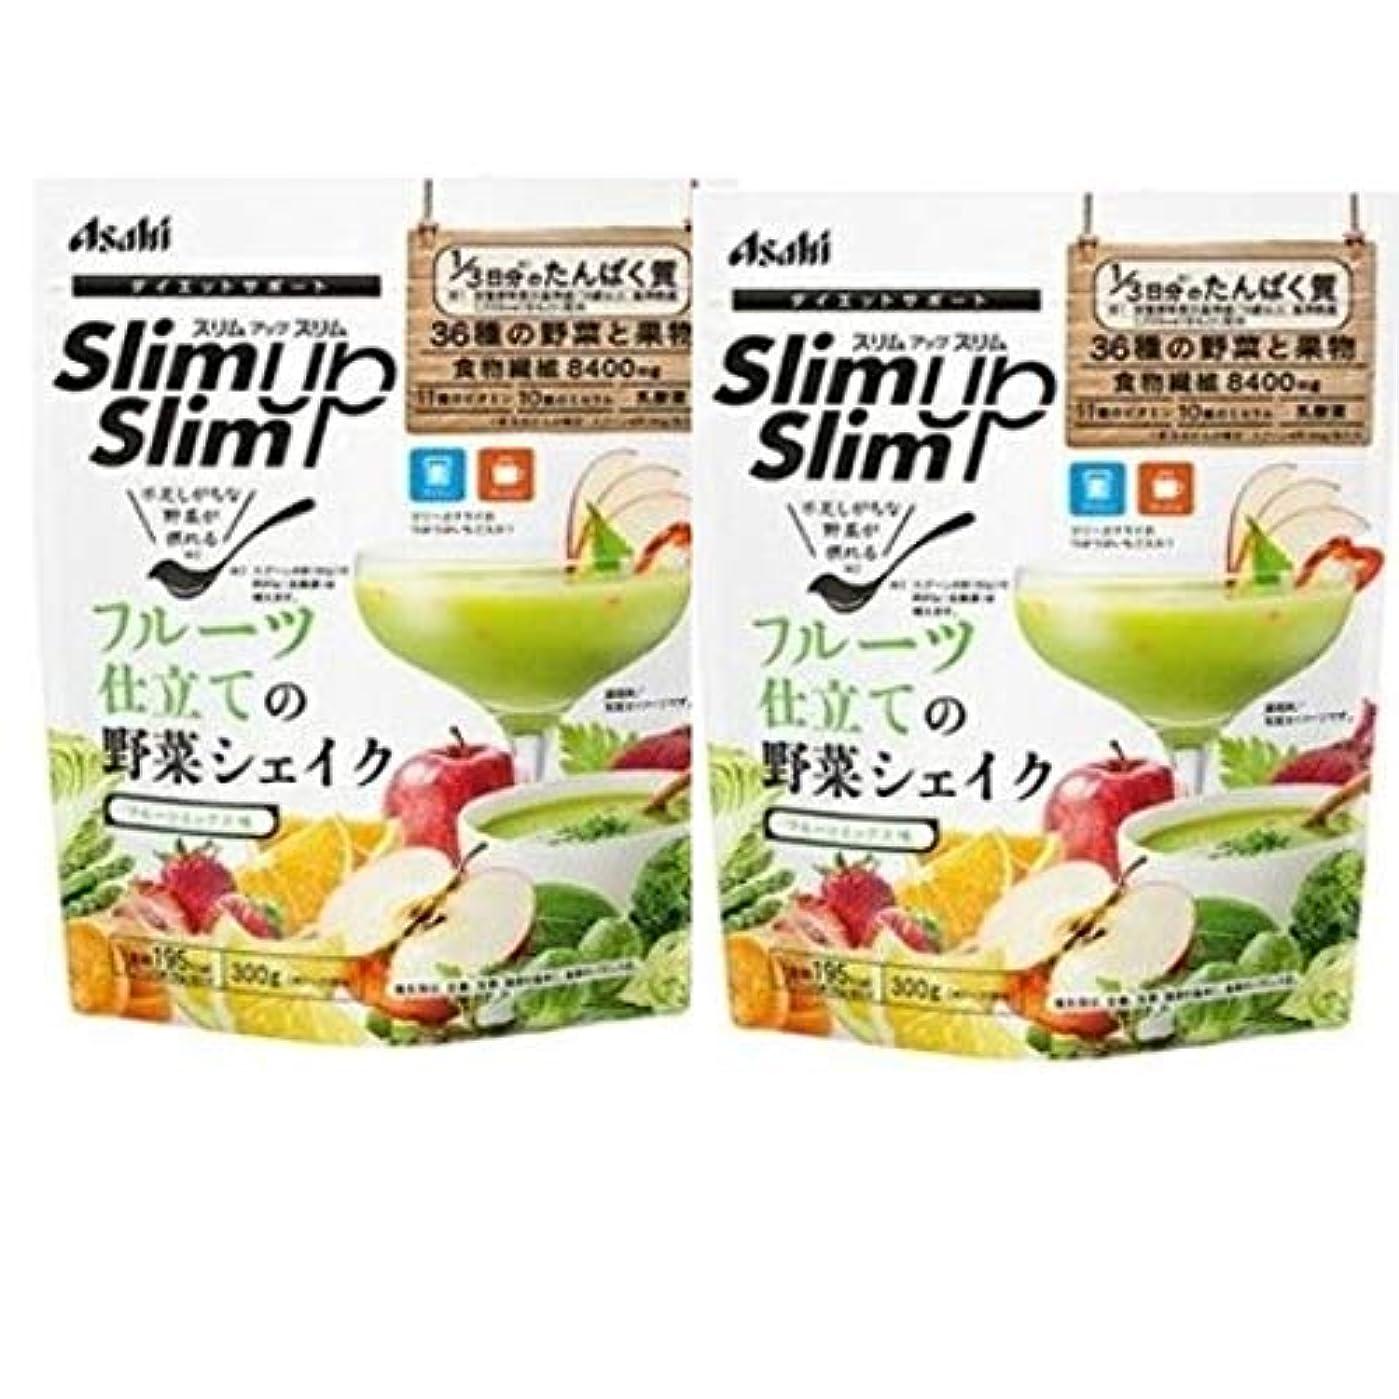 水素クレア静かに【2個セット】スリムアップスリム フルーツ仕立ての野菜シェイク フルーツミックス味 300g